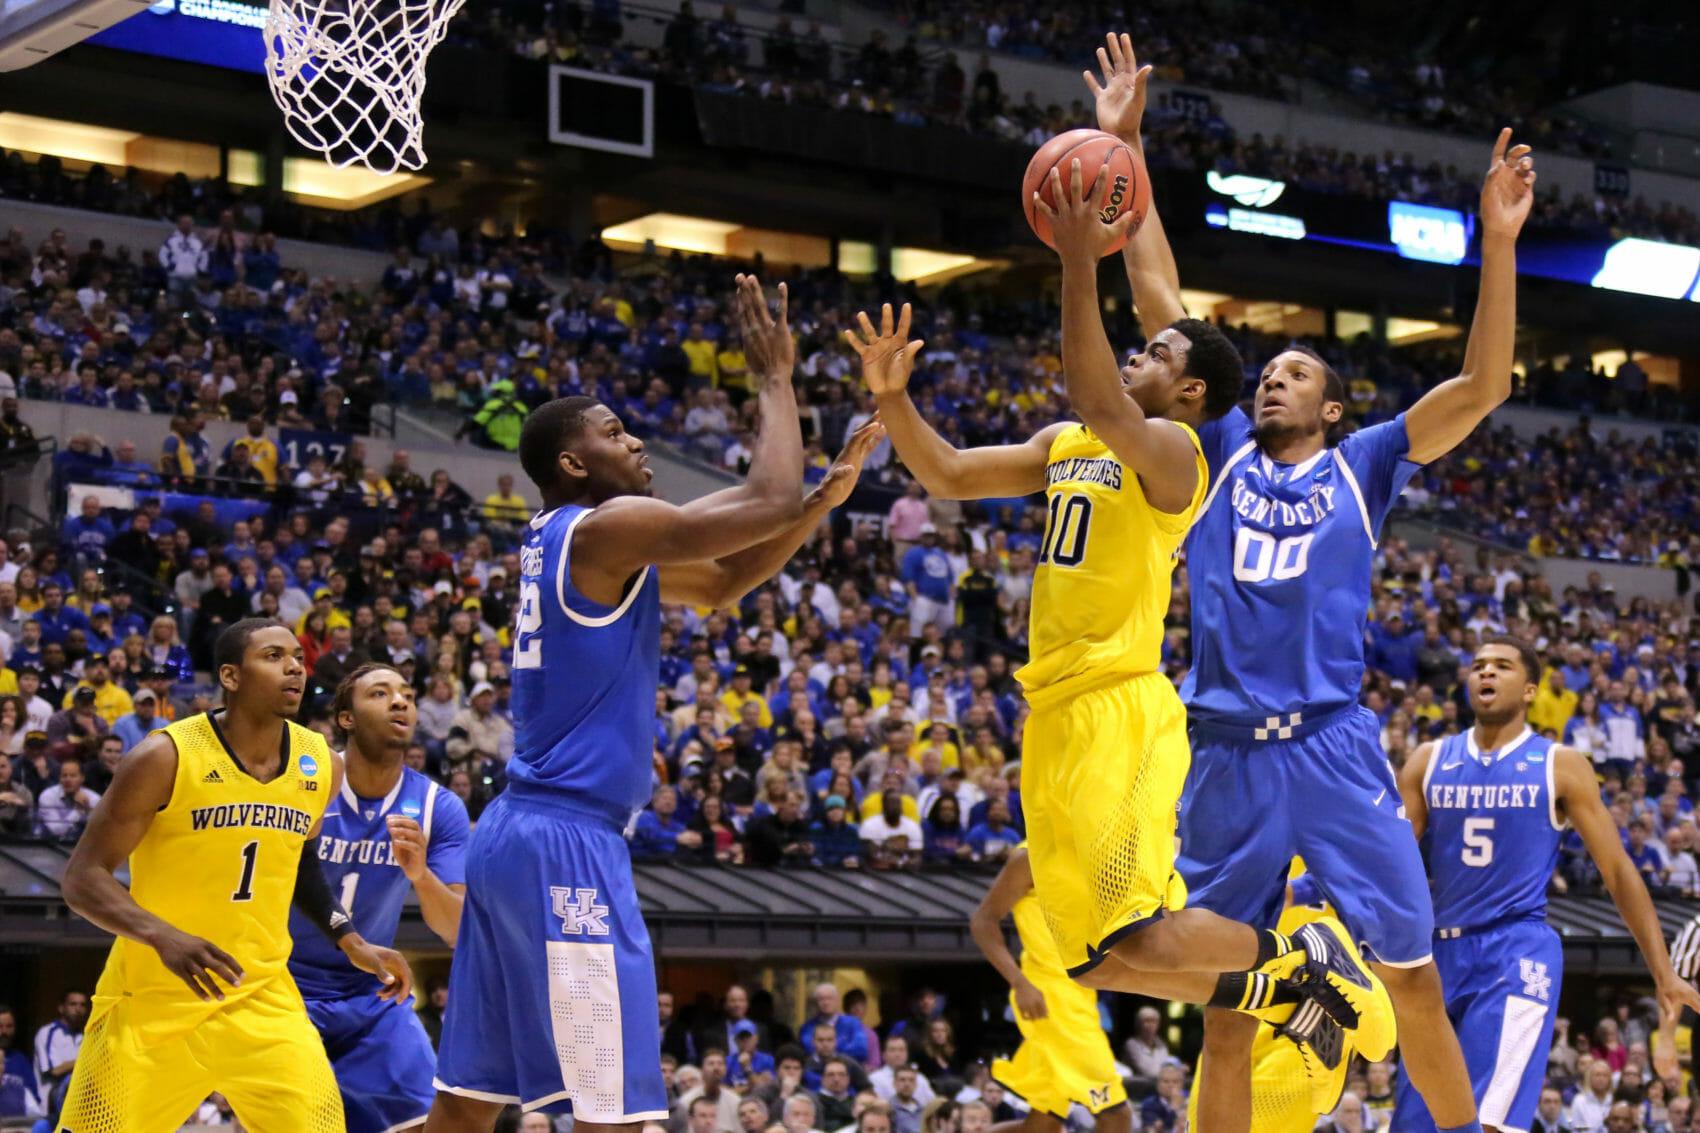 Kentucky 75, Michigan 72-22